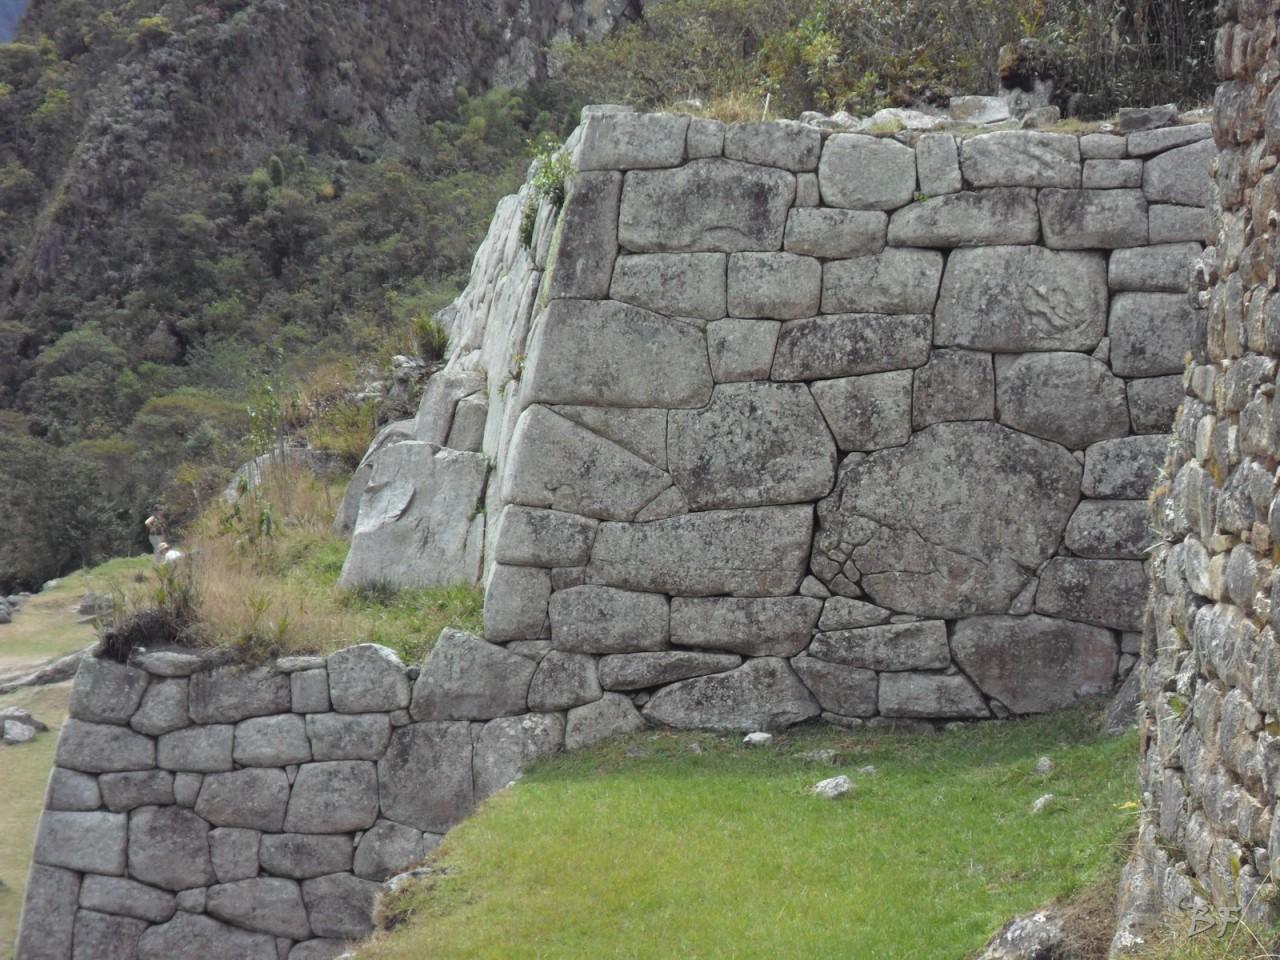 Mura-Poligonali-Incisioni-Altari-Edifici-Rupestri-Megaliti-Machu-Picchu-Aguas-Calientes-Urubamba-Cusco-Perù-136